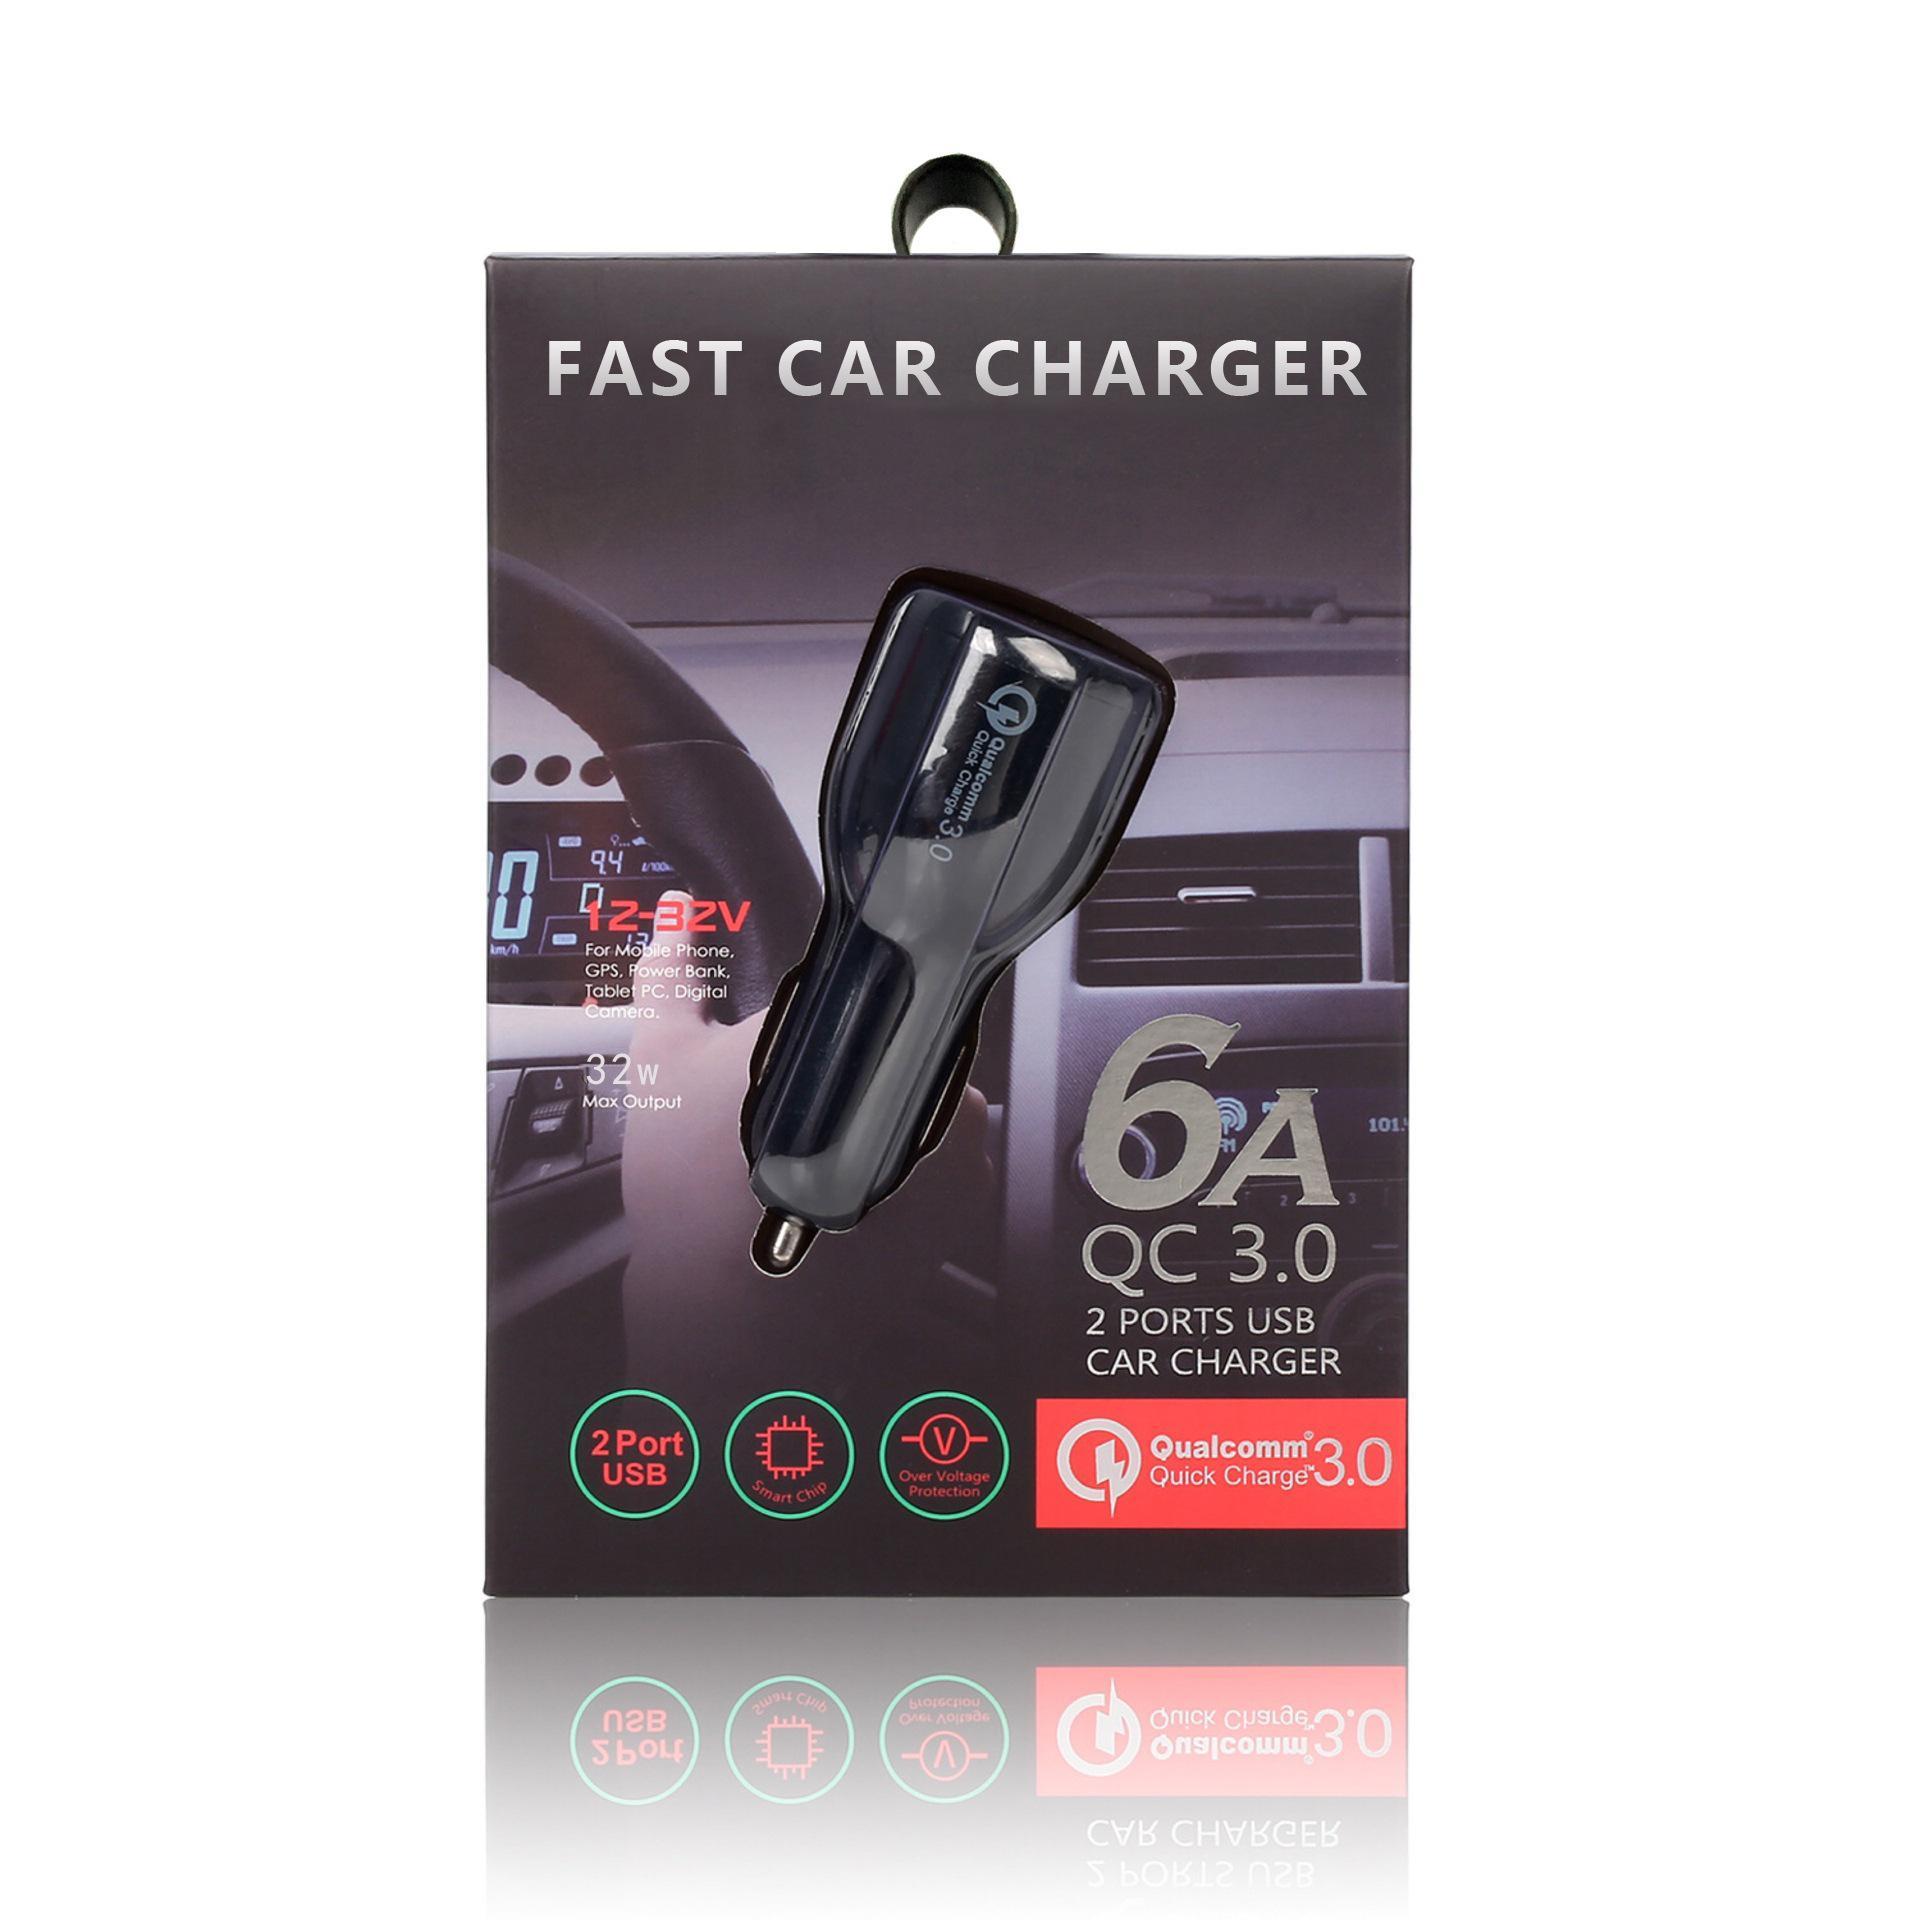 2020 Auto USB-Ladegerät Schnellladung Mobiltelefon Charger 2 Port USB Fast Car Ladegerät für iPhone Samsung Tablet Car-Ladegerät mit Einzelhandelspaket